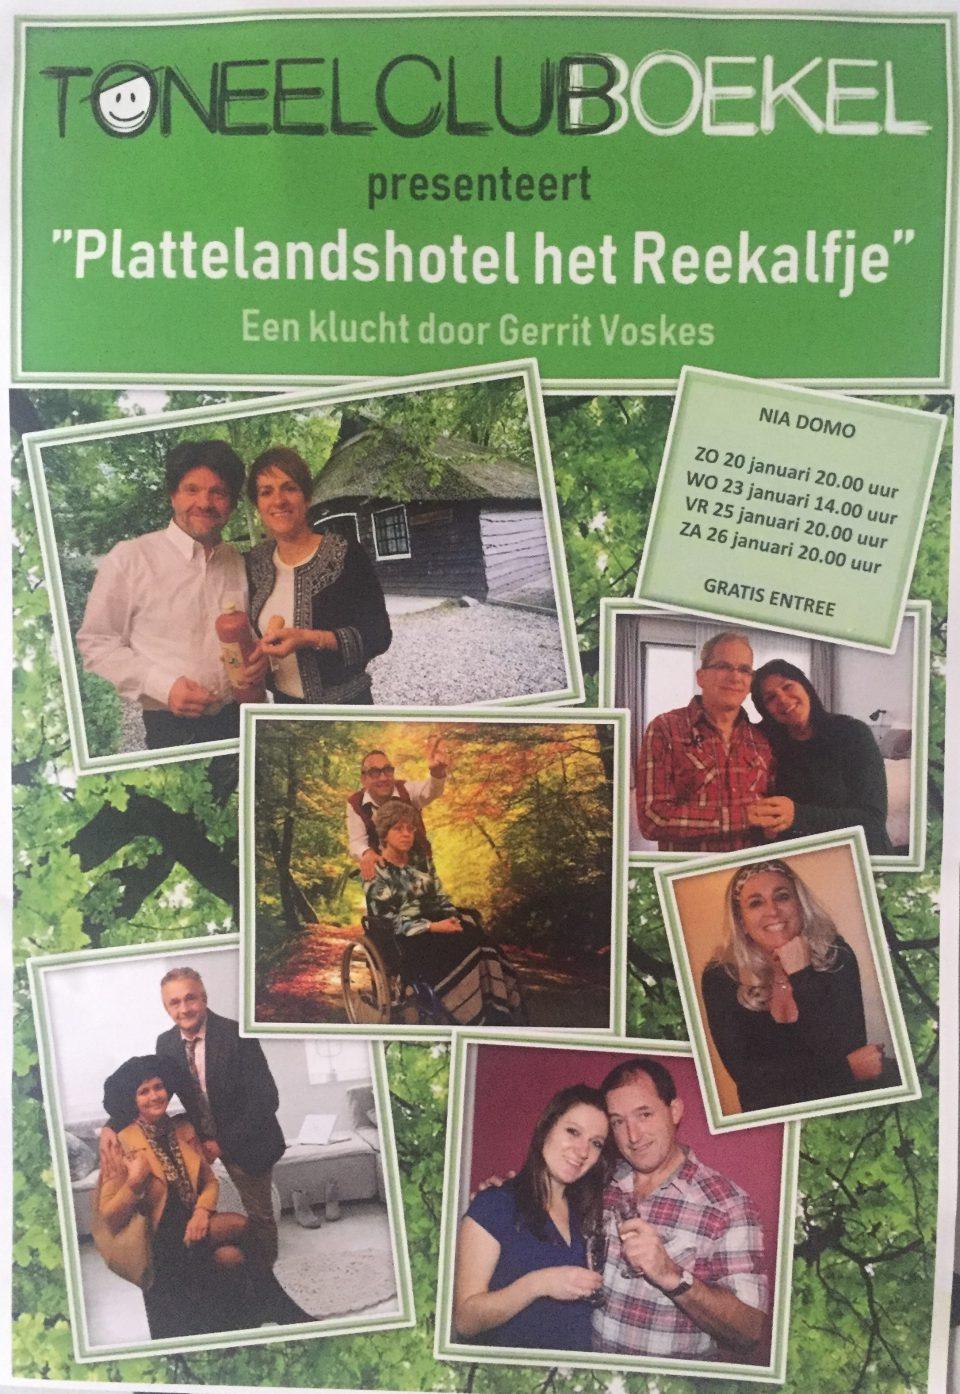 Toneelclub Boekel voorstelling